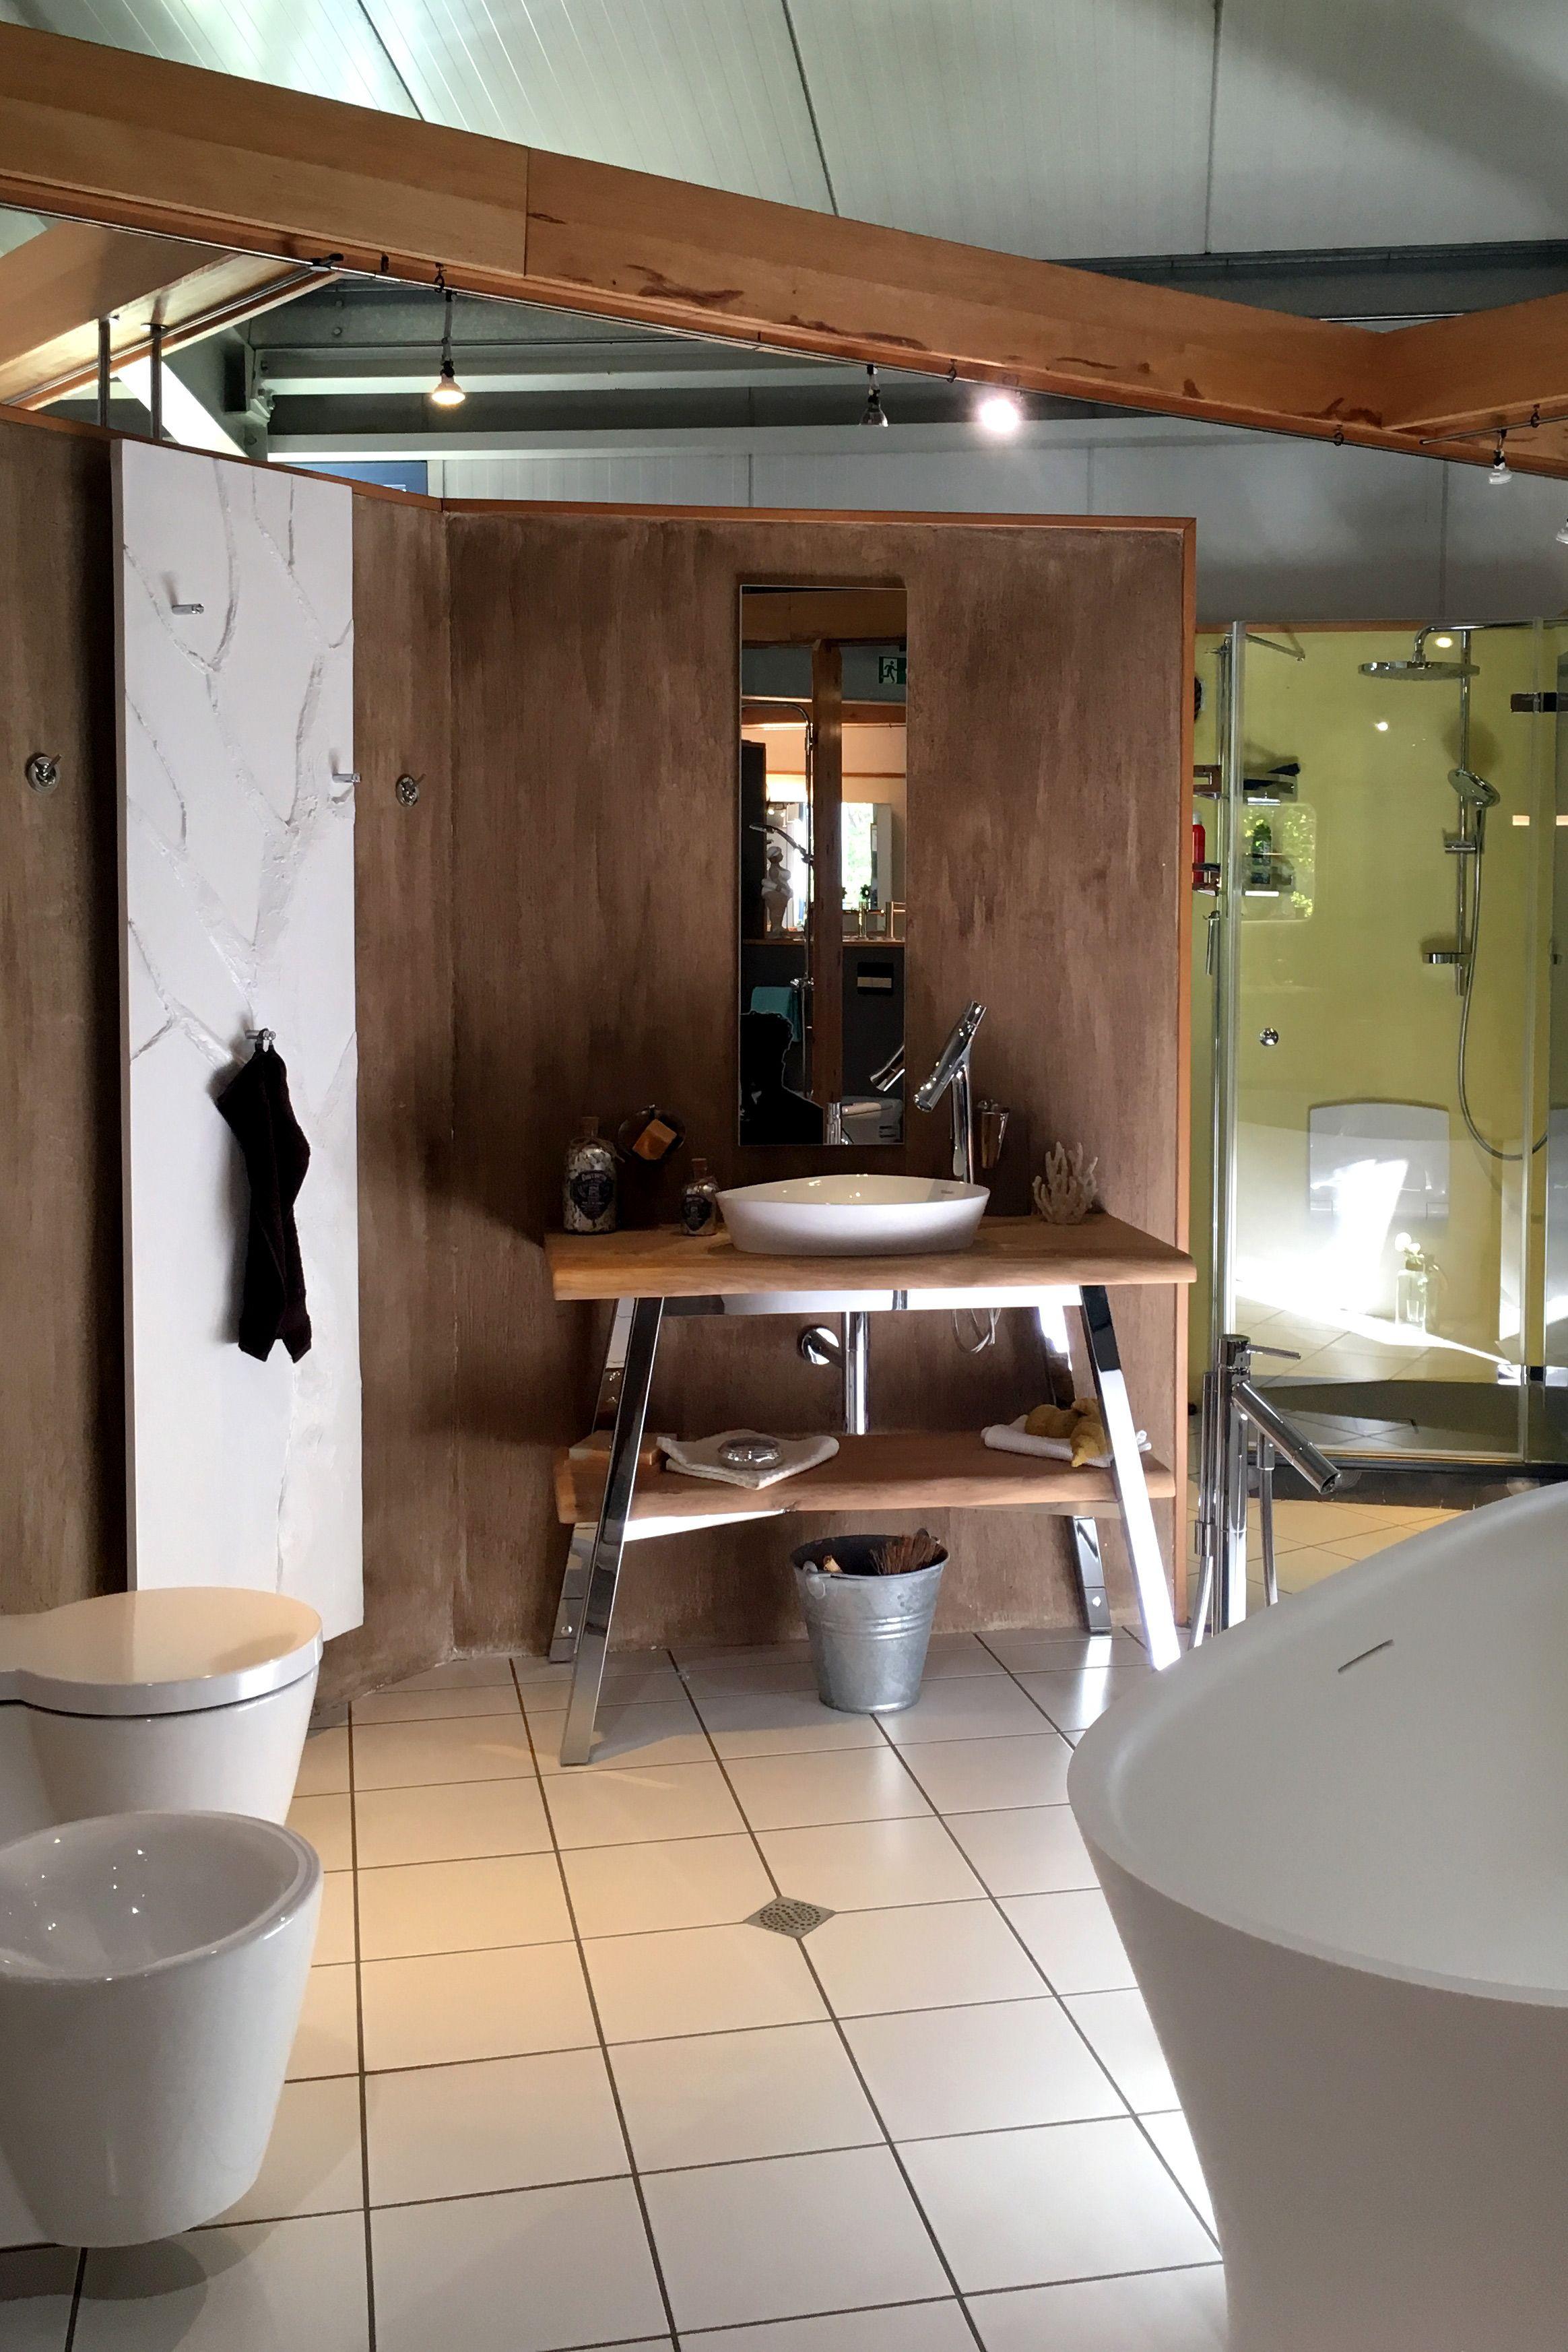 Badezimmer Badgestaltung Inneneinrichtung Waren Hausbau Renovieren Wesemeyer Badezimmer Ausstellung Badgestaltung Neues Bad